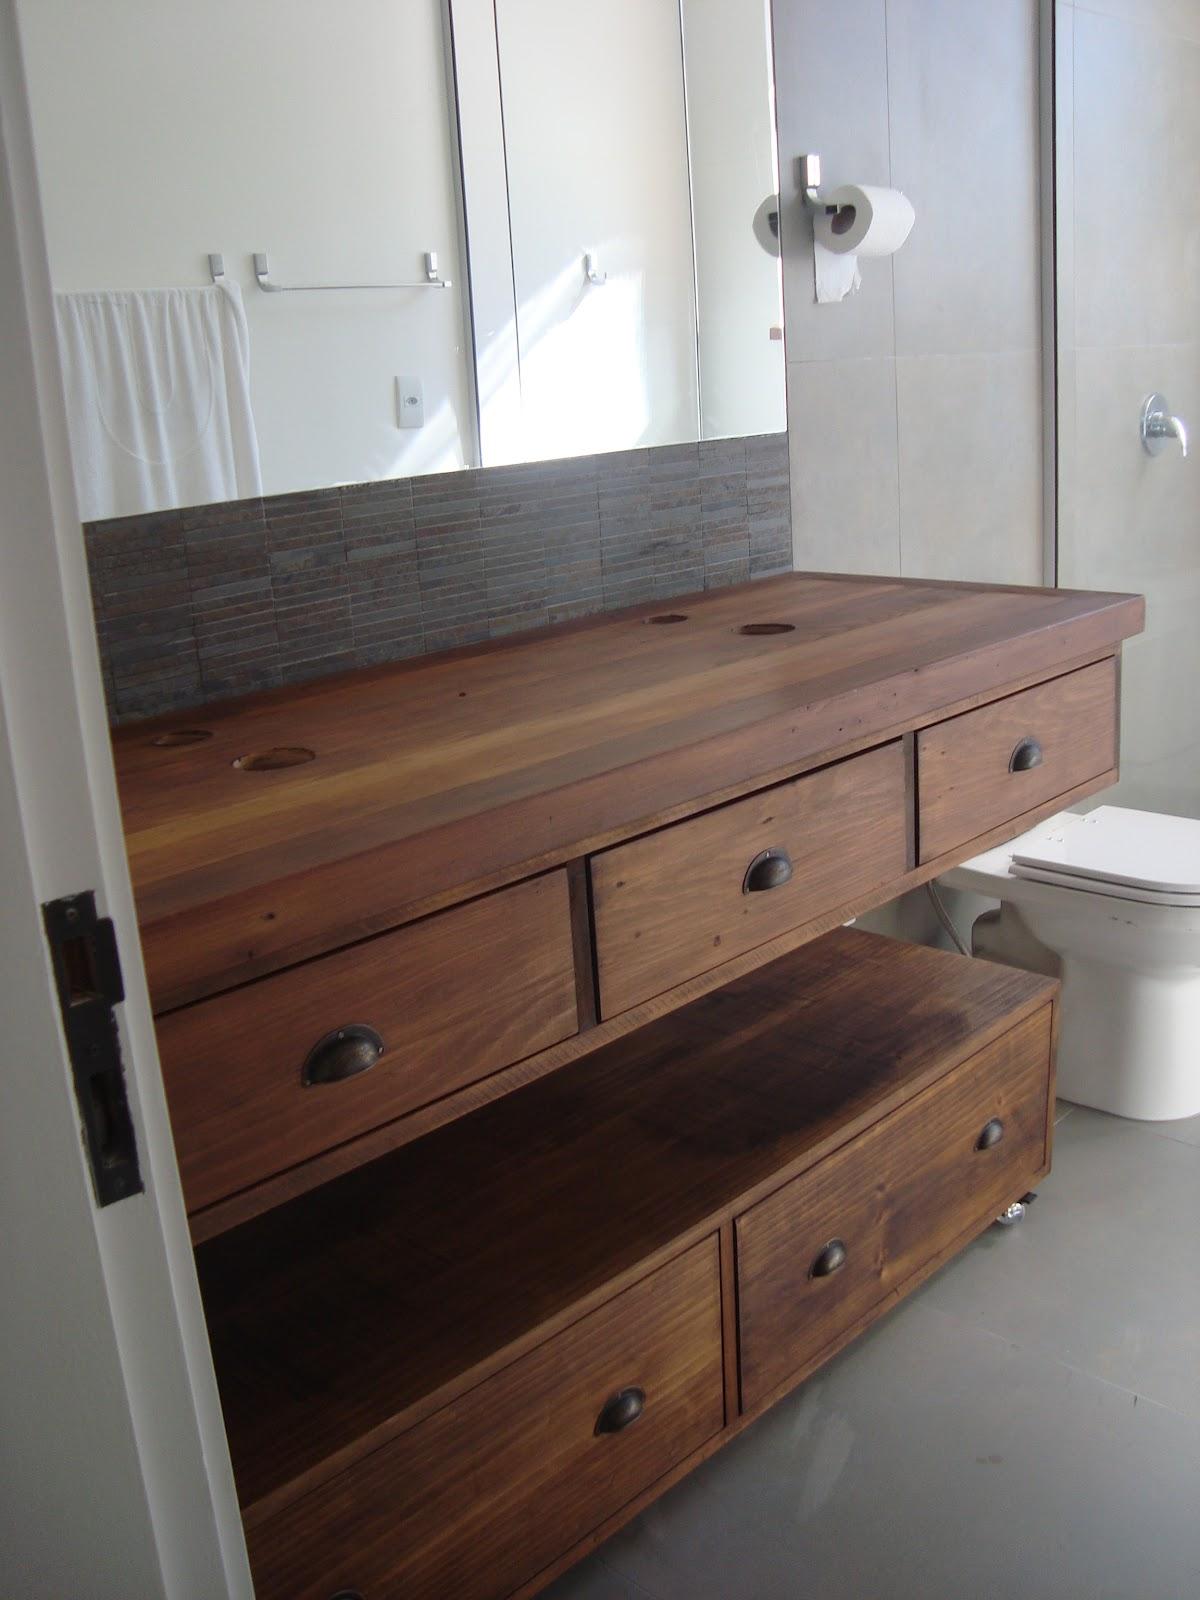 #634435 Marcio Pisoni: Banheiros com Móveis de Madeira de Demolição 1200x1600 px móveis de banheiro de vidro